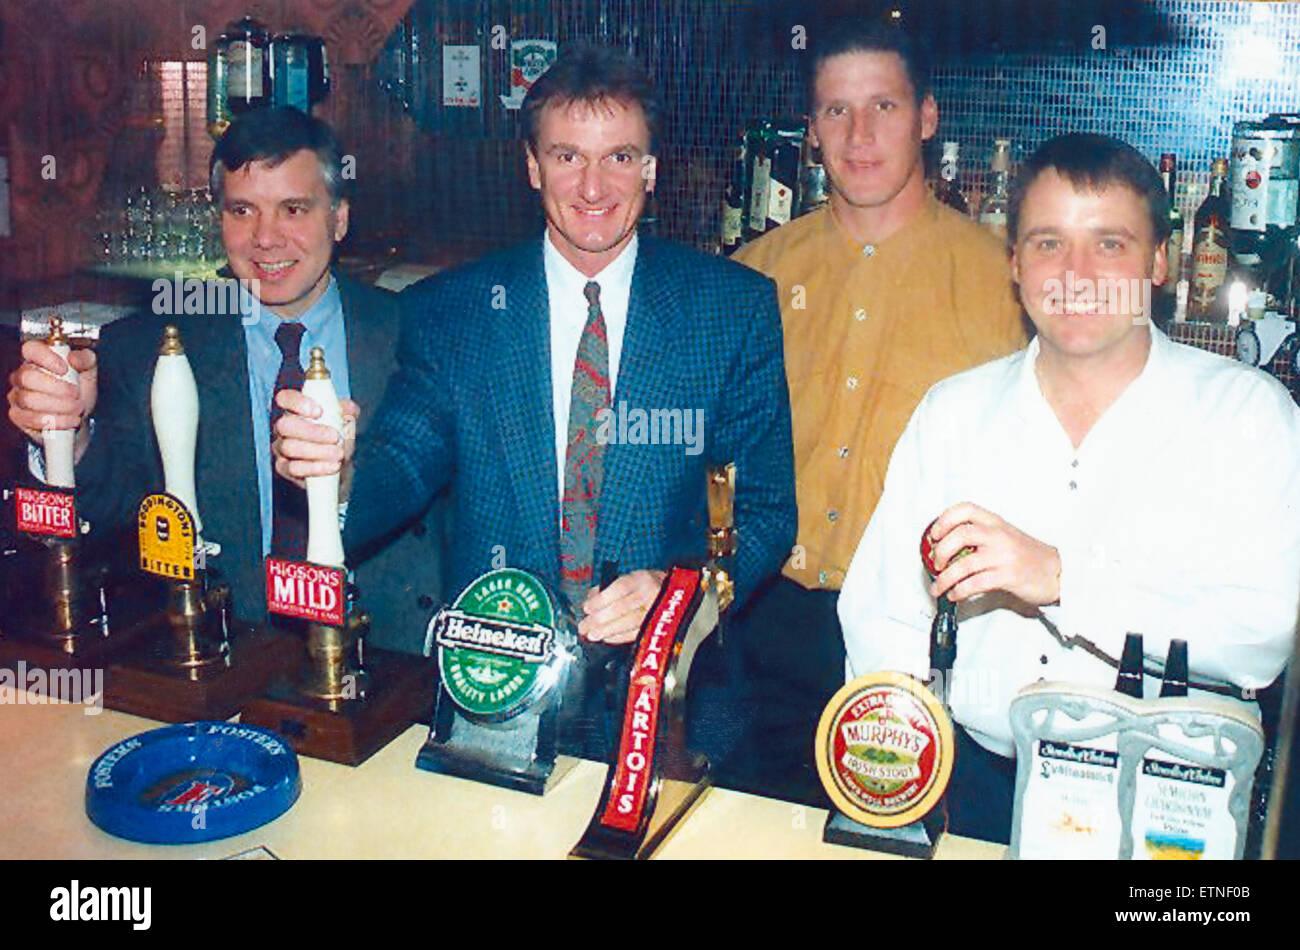 L'Écho Higsons panneau football Ligue, de nouveau sur la route. 12 novembre 1994. Cette fois, s'adressant Photo Stock